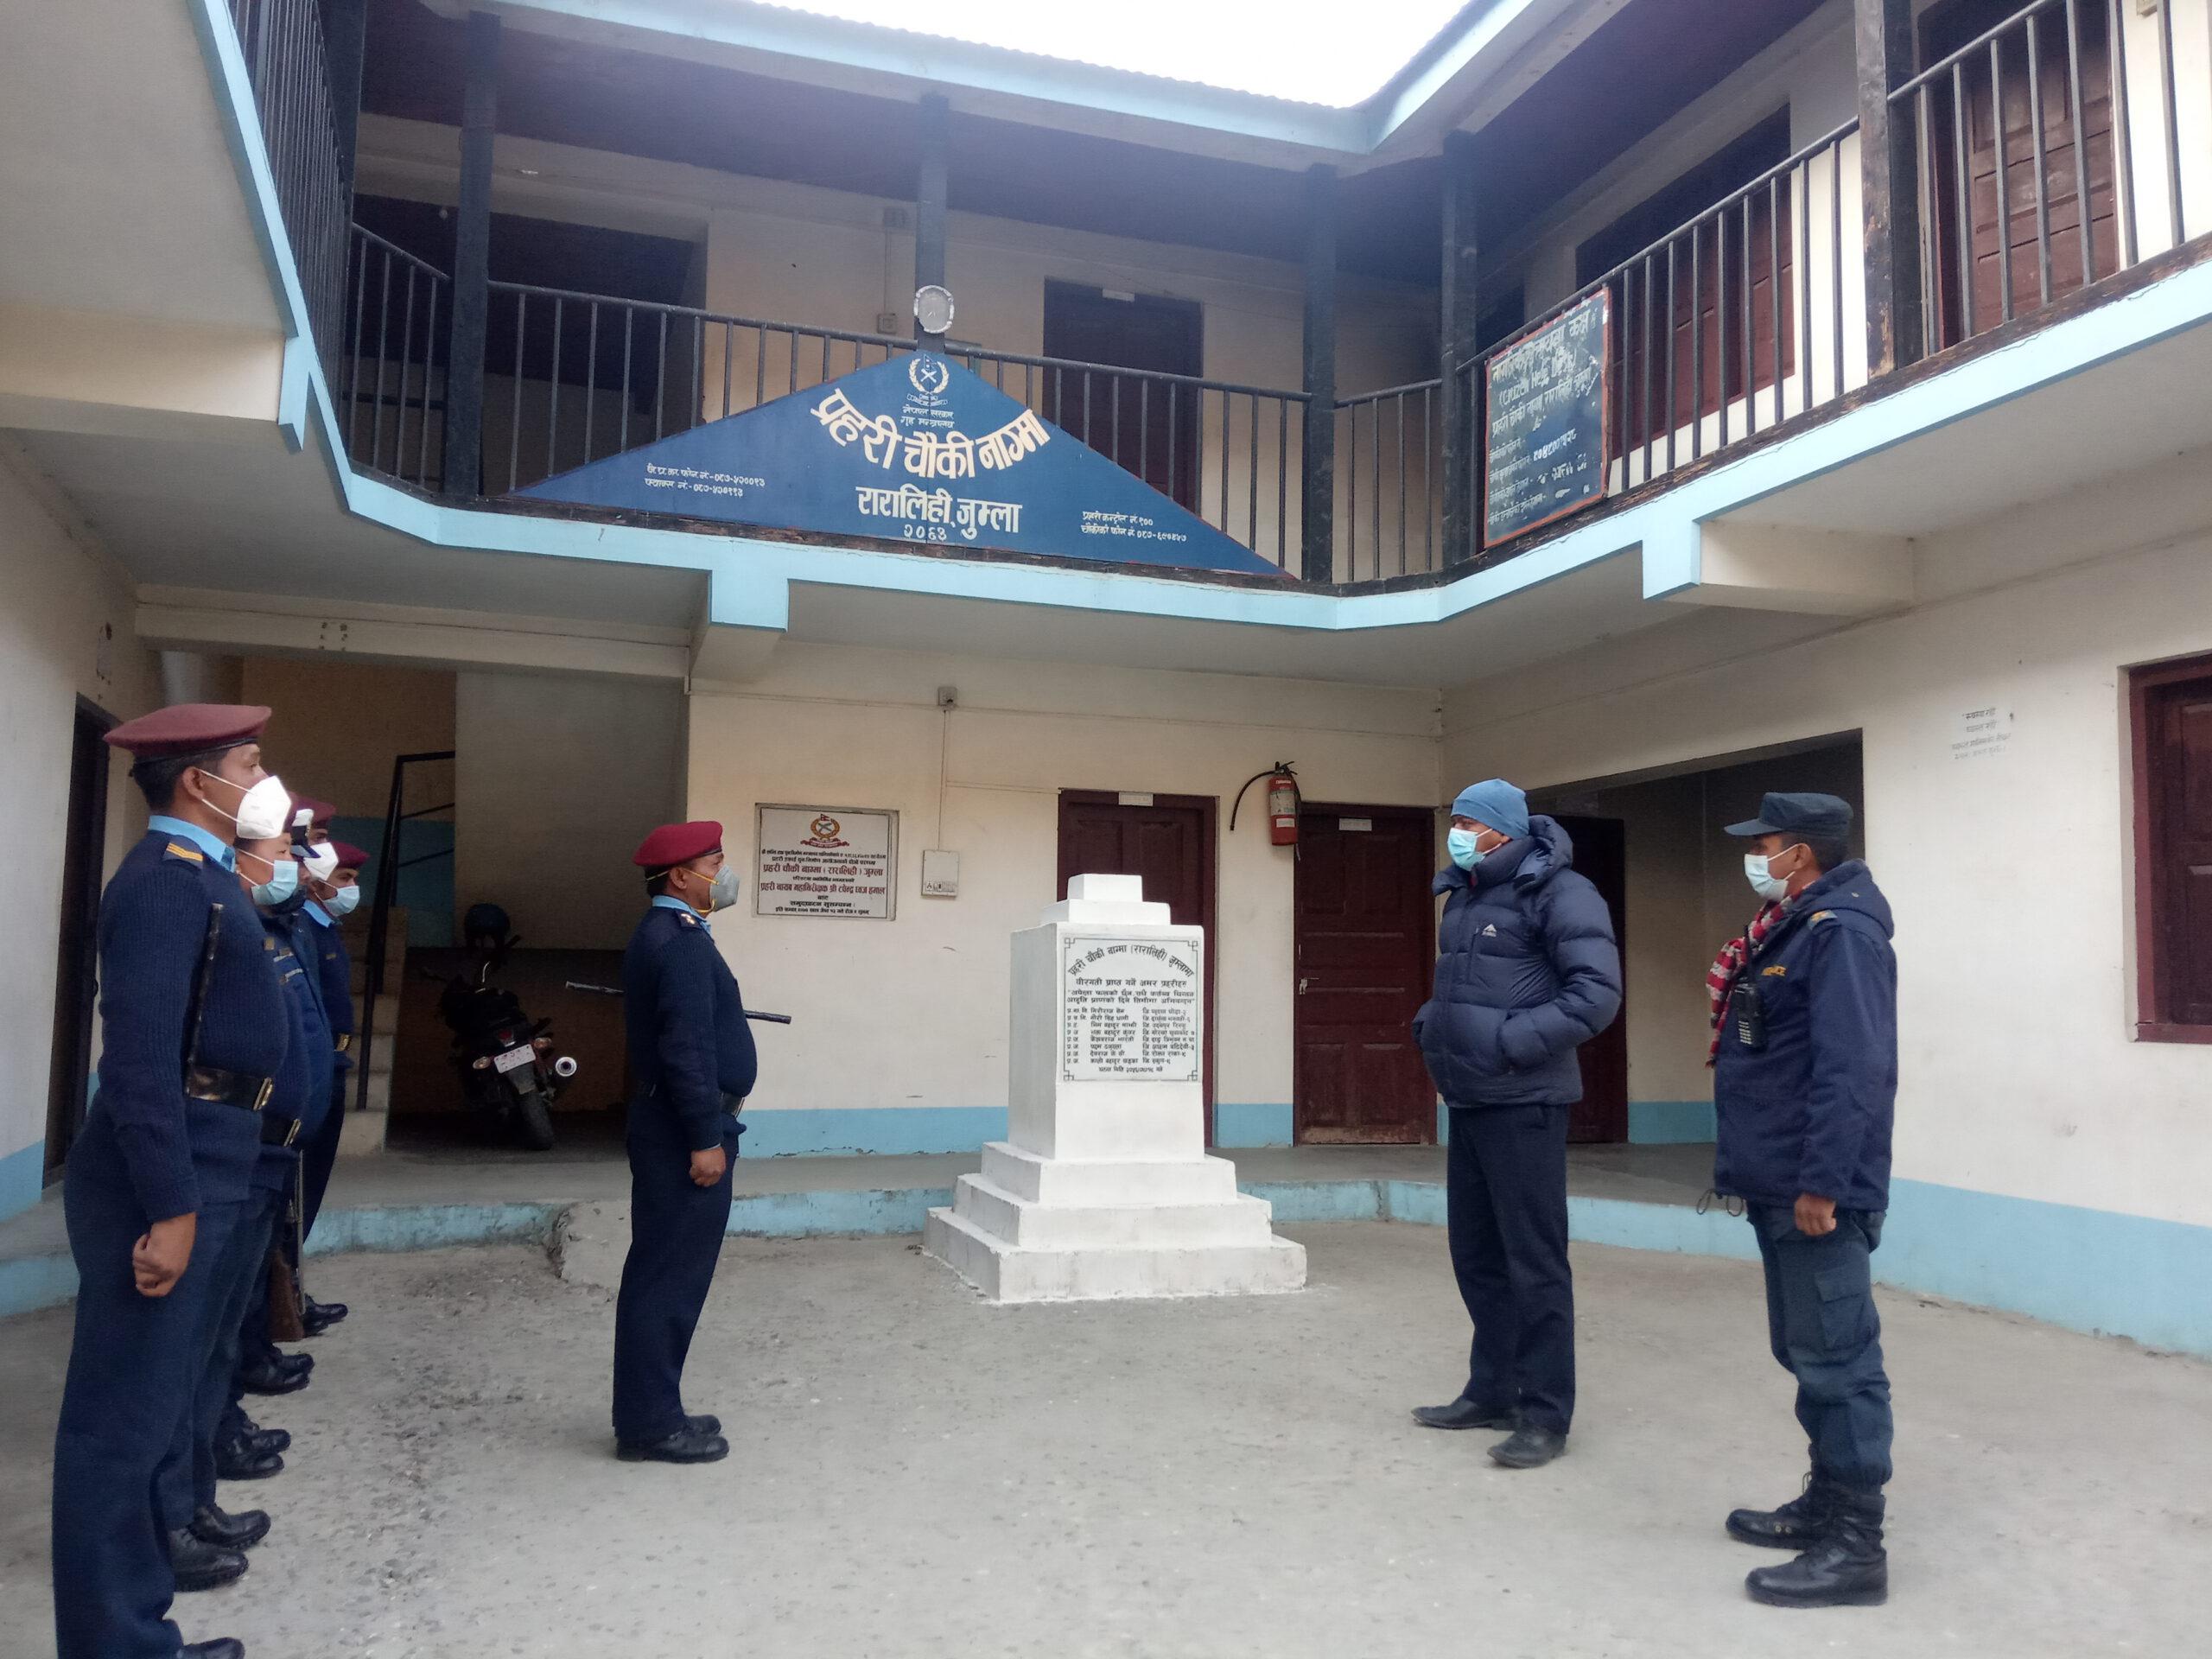 जुम्लाको शान्ति सुरक्षा मजबुद गर्न प्रहरीचौंकी निरीक्षण